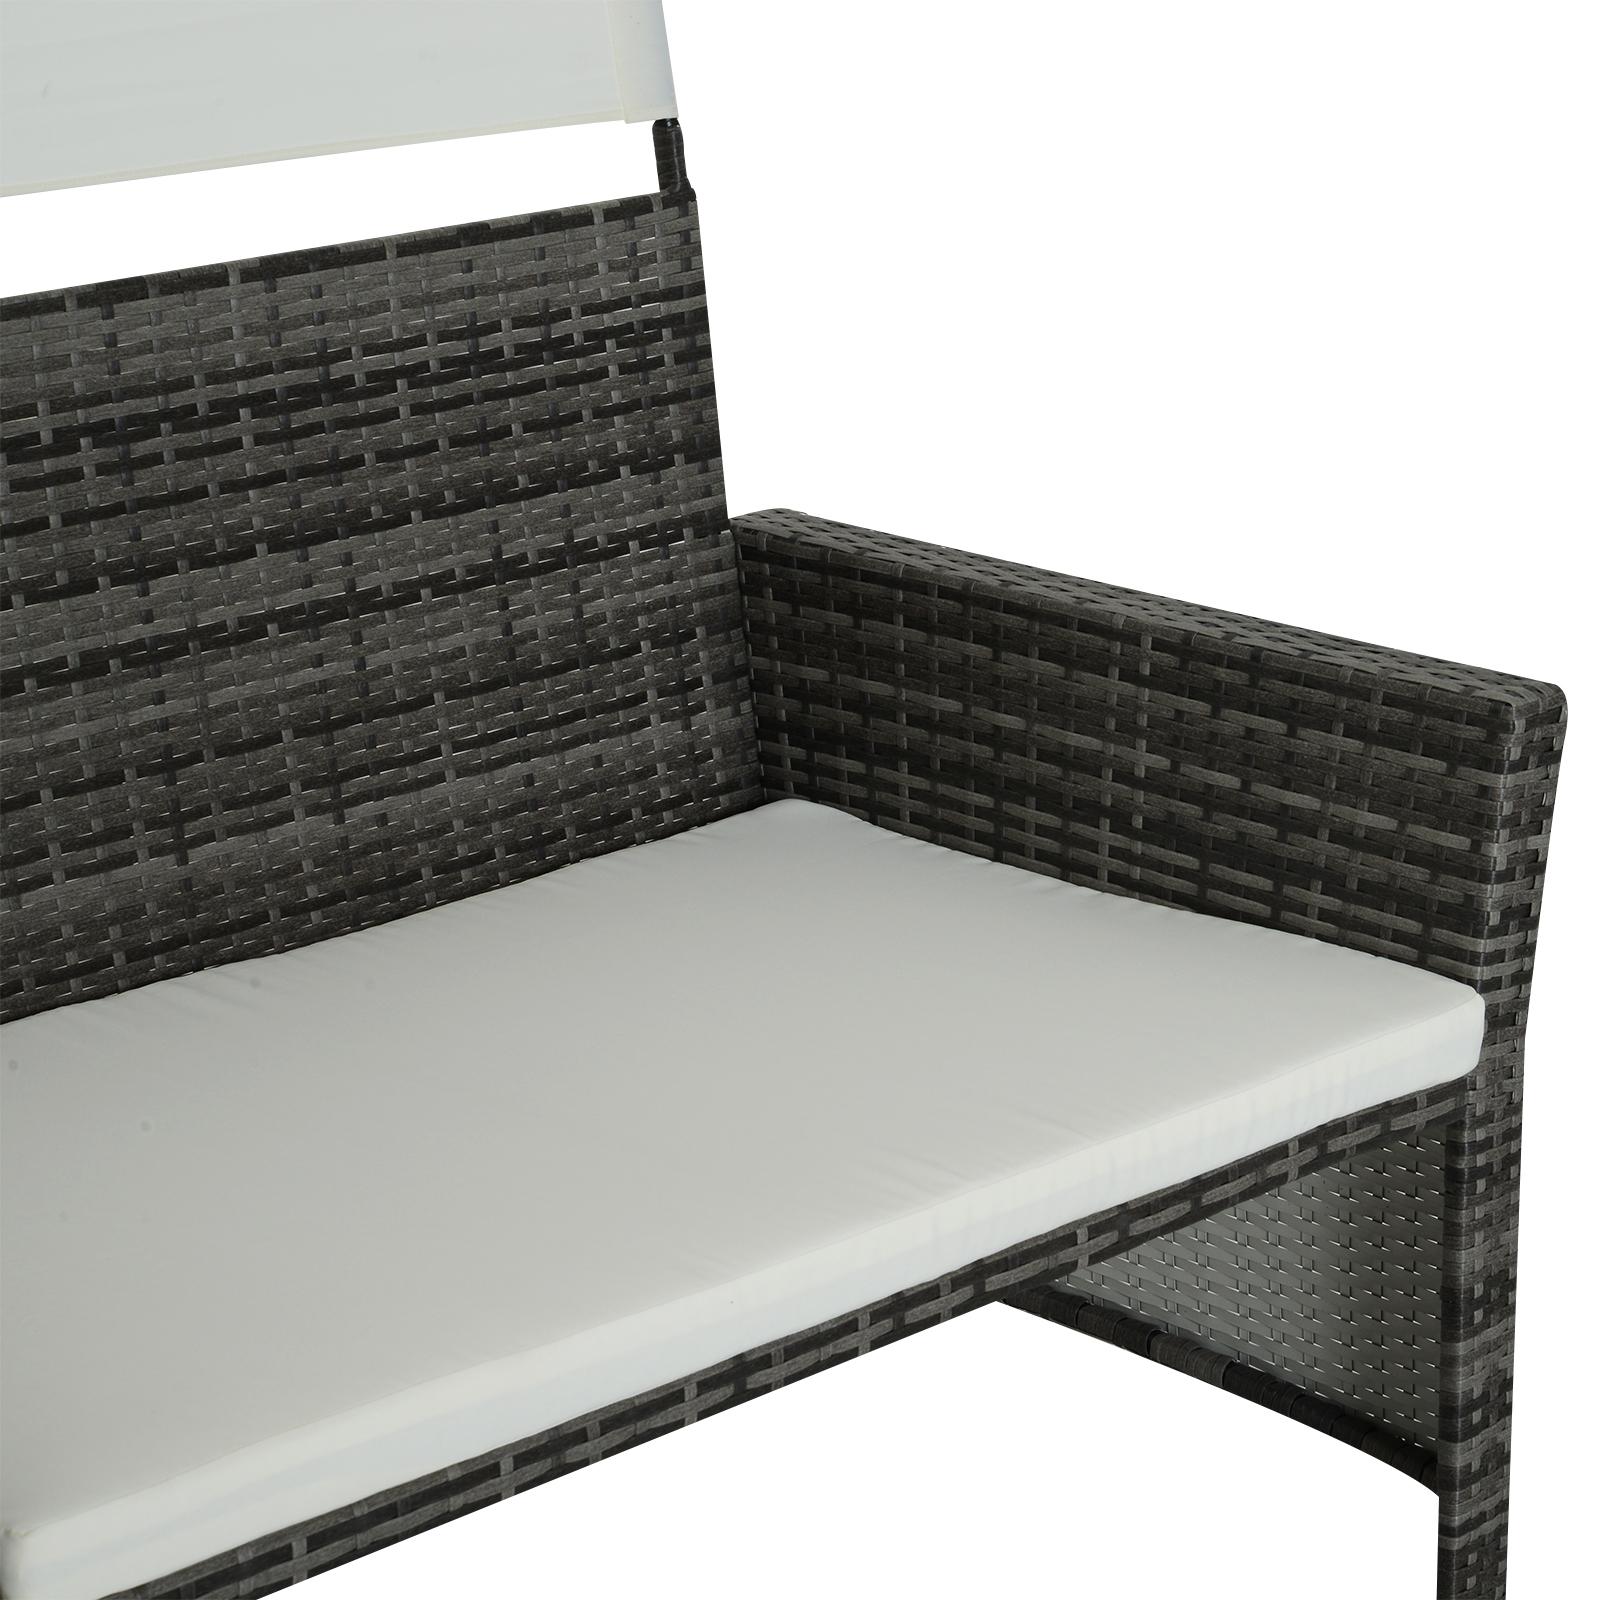 Sofa-de-Ratan-Dos-Plazas-Sillon-Mueble-Jardin-Terraza-con-Reposapies-Toldo-Cojin miniatura 5